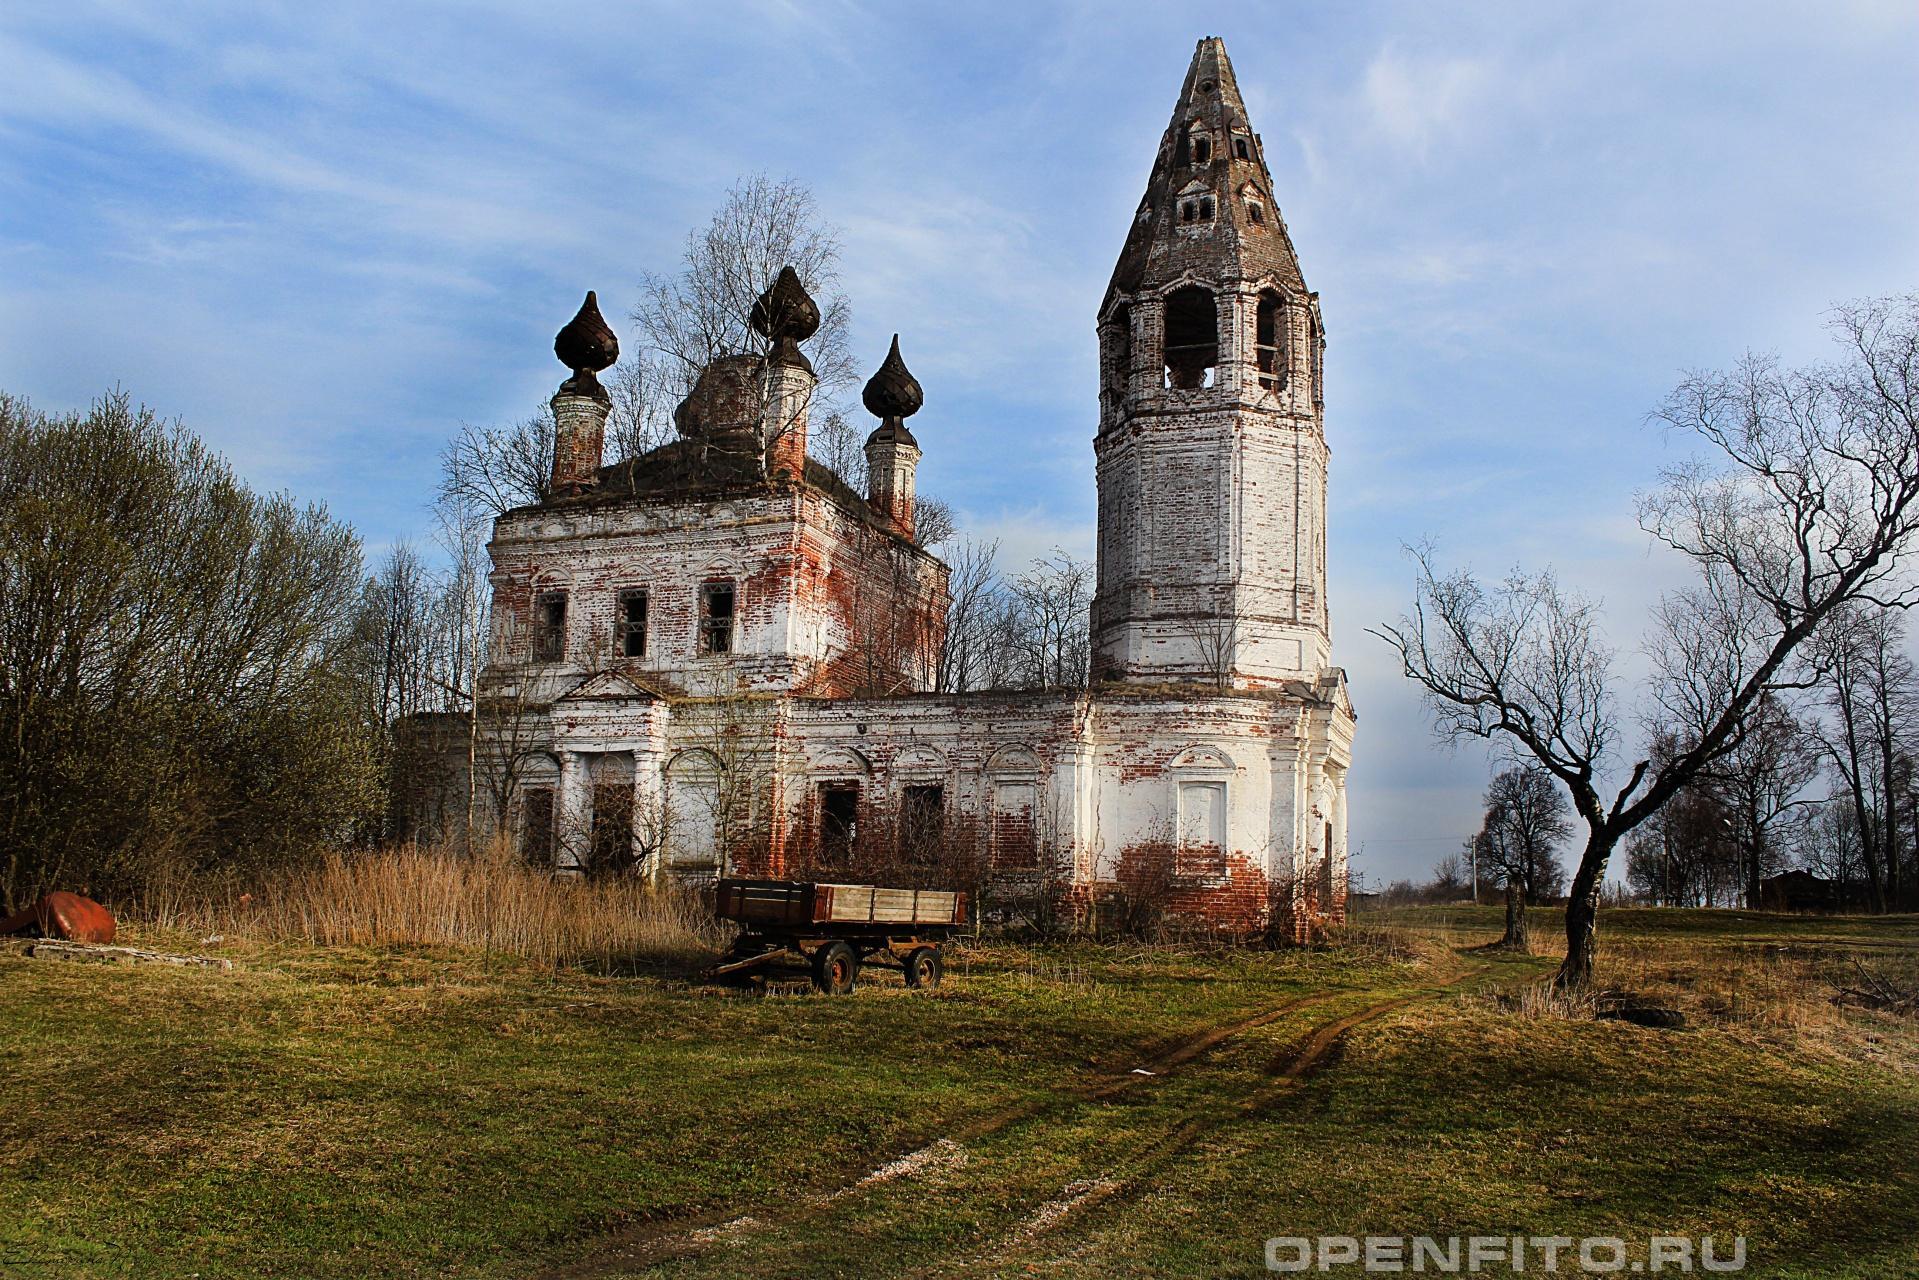 Церковь Чуда Михаила Архангела Ивановская область, Фурмановский район, село Березники